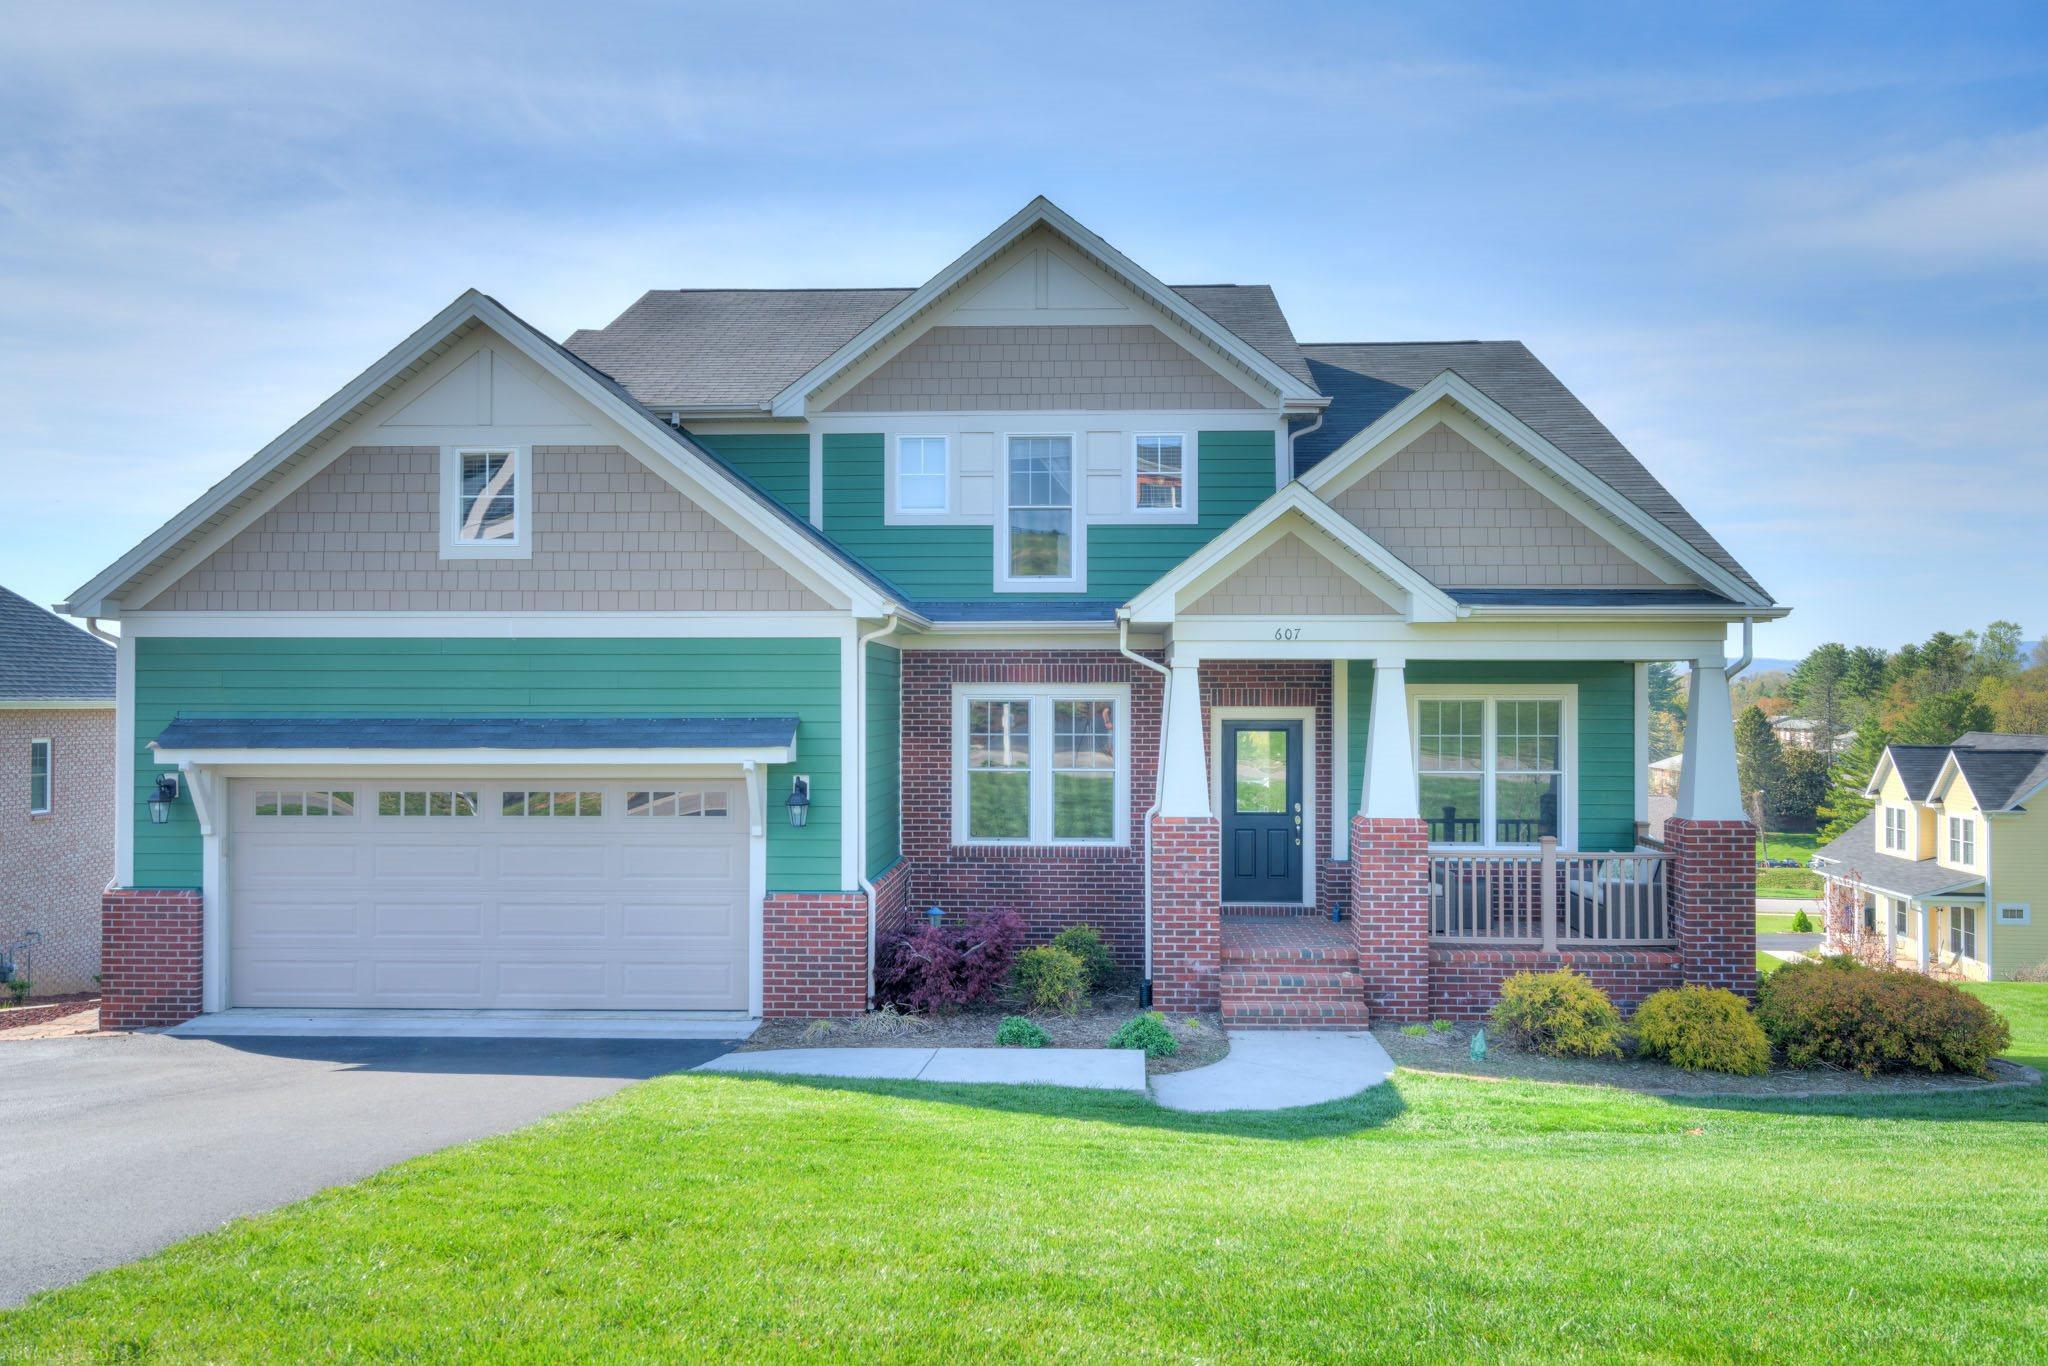 607 Kelly Ln, Blacksburg, VA 24060 - Recently Sold | Trulia